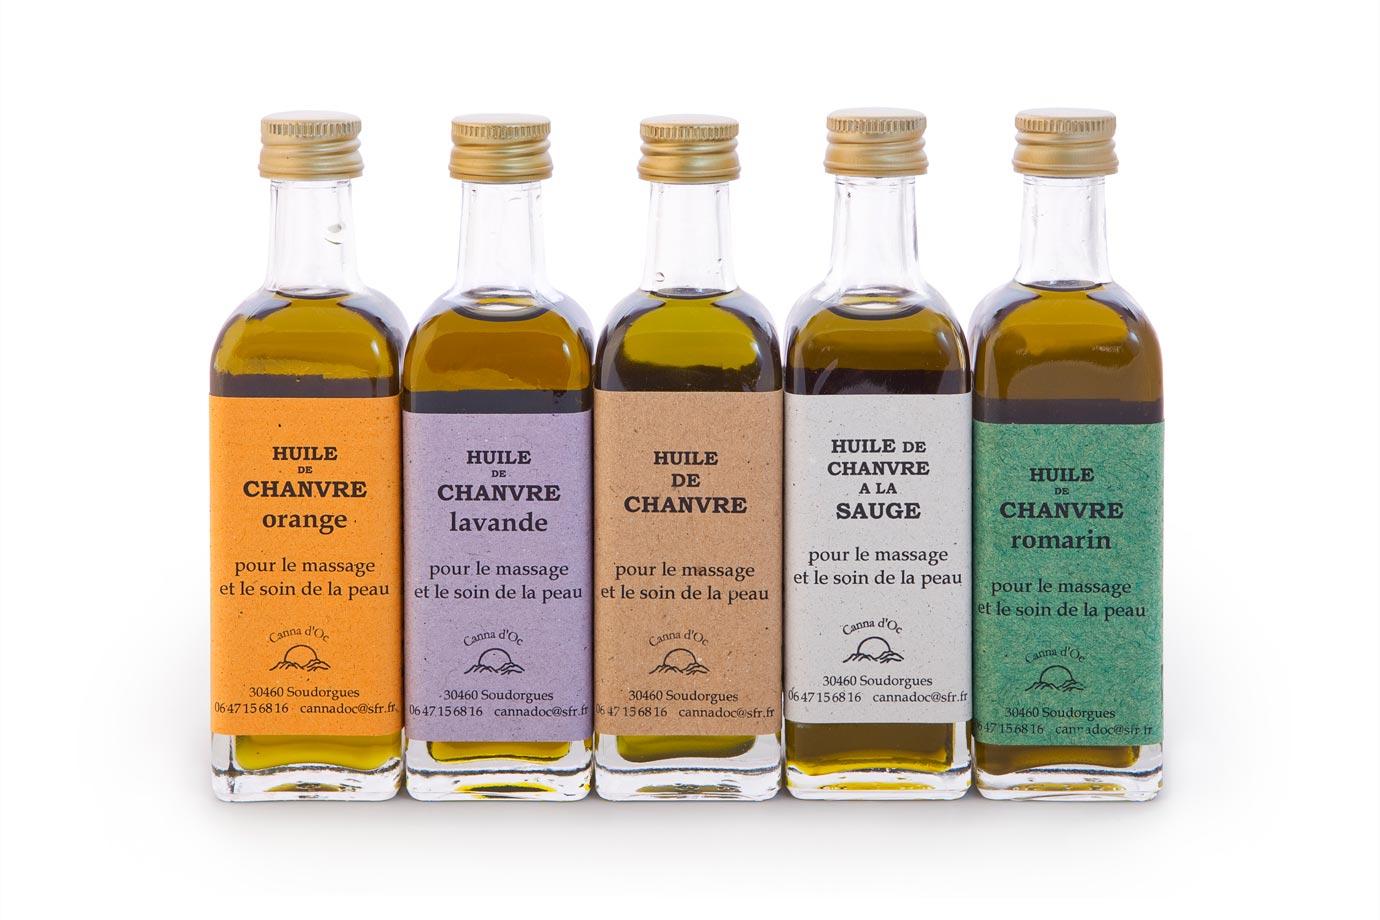 Cosmétique Canna d'Oc : les huiles de chanvre, nature ou avec adjonction d'huiles essentielles.